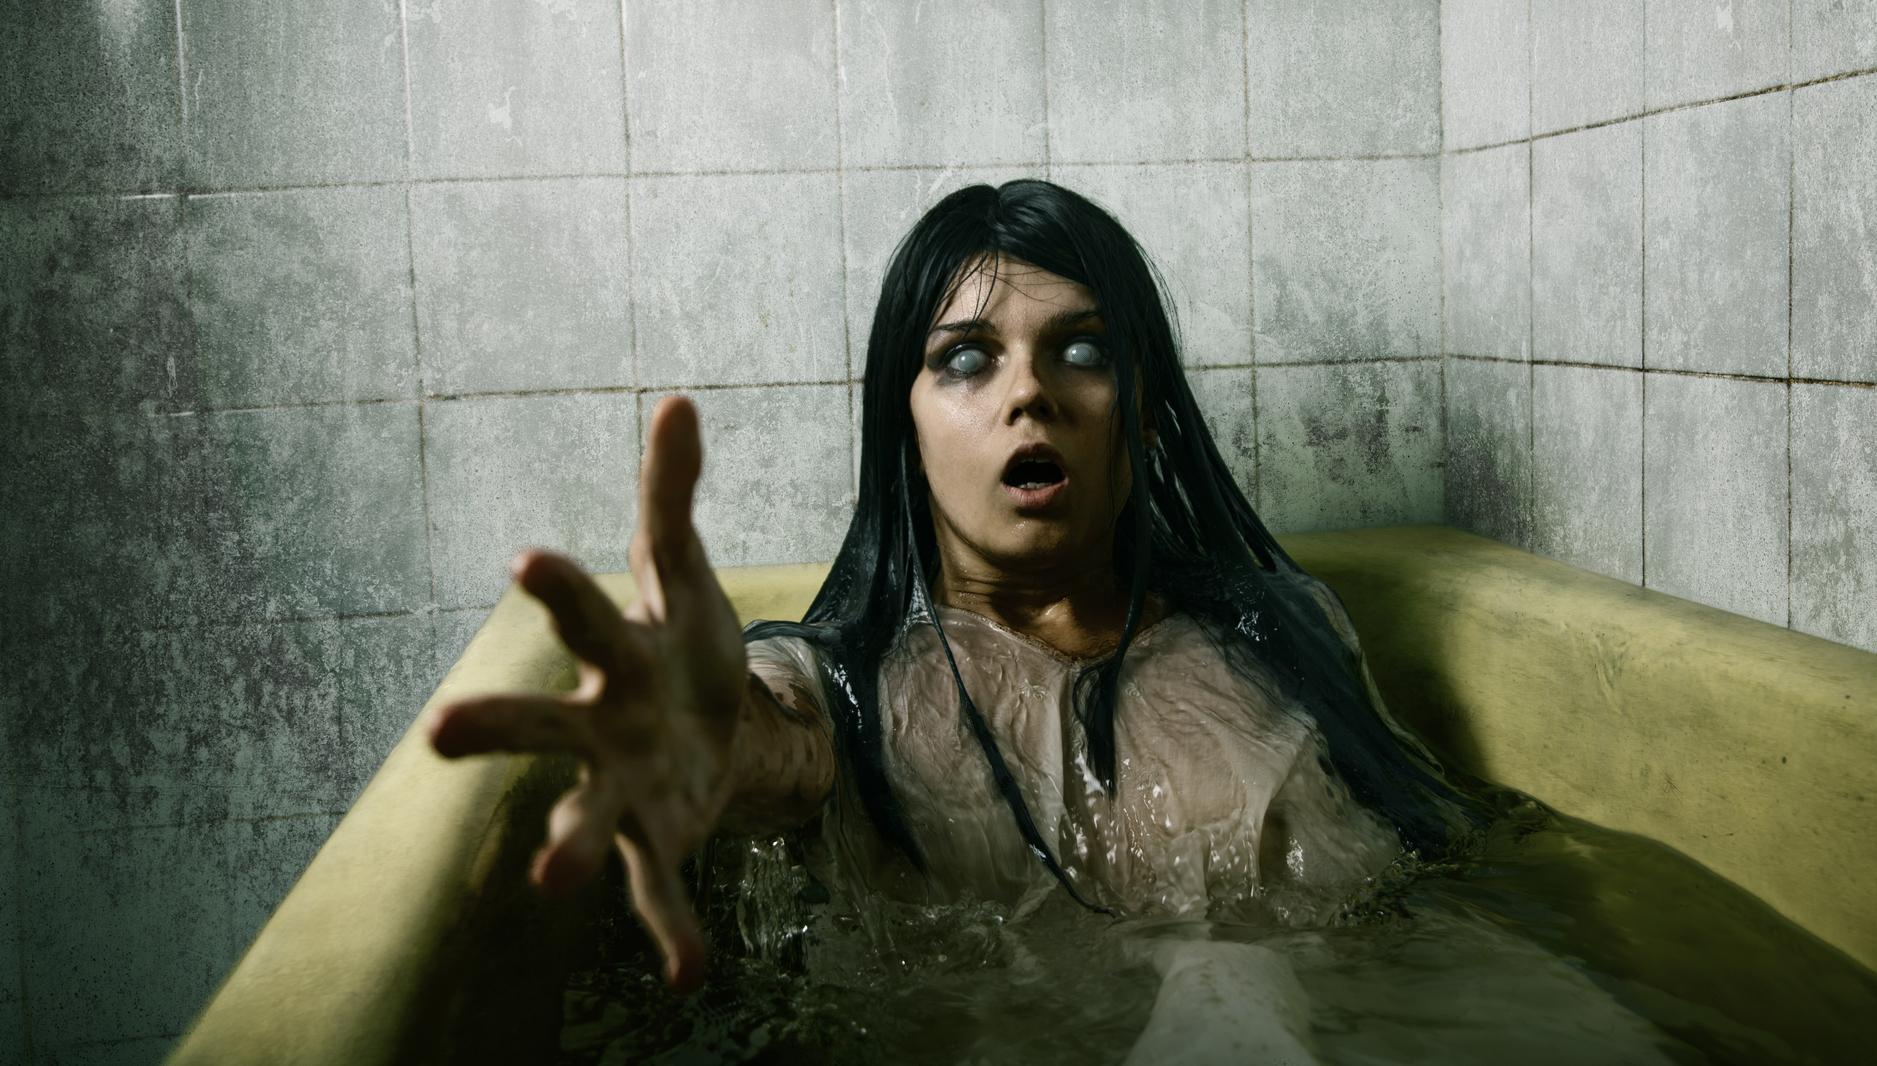 Соседка пошла в ванну фото 15 фотография